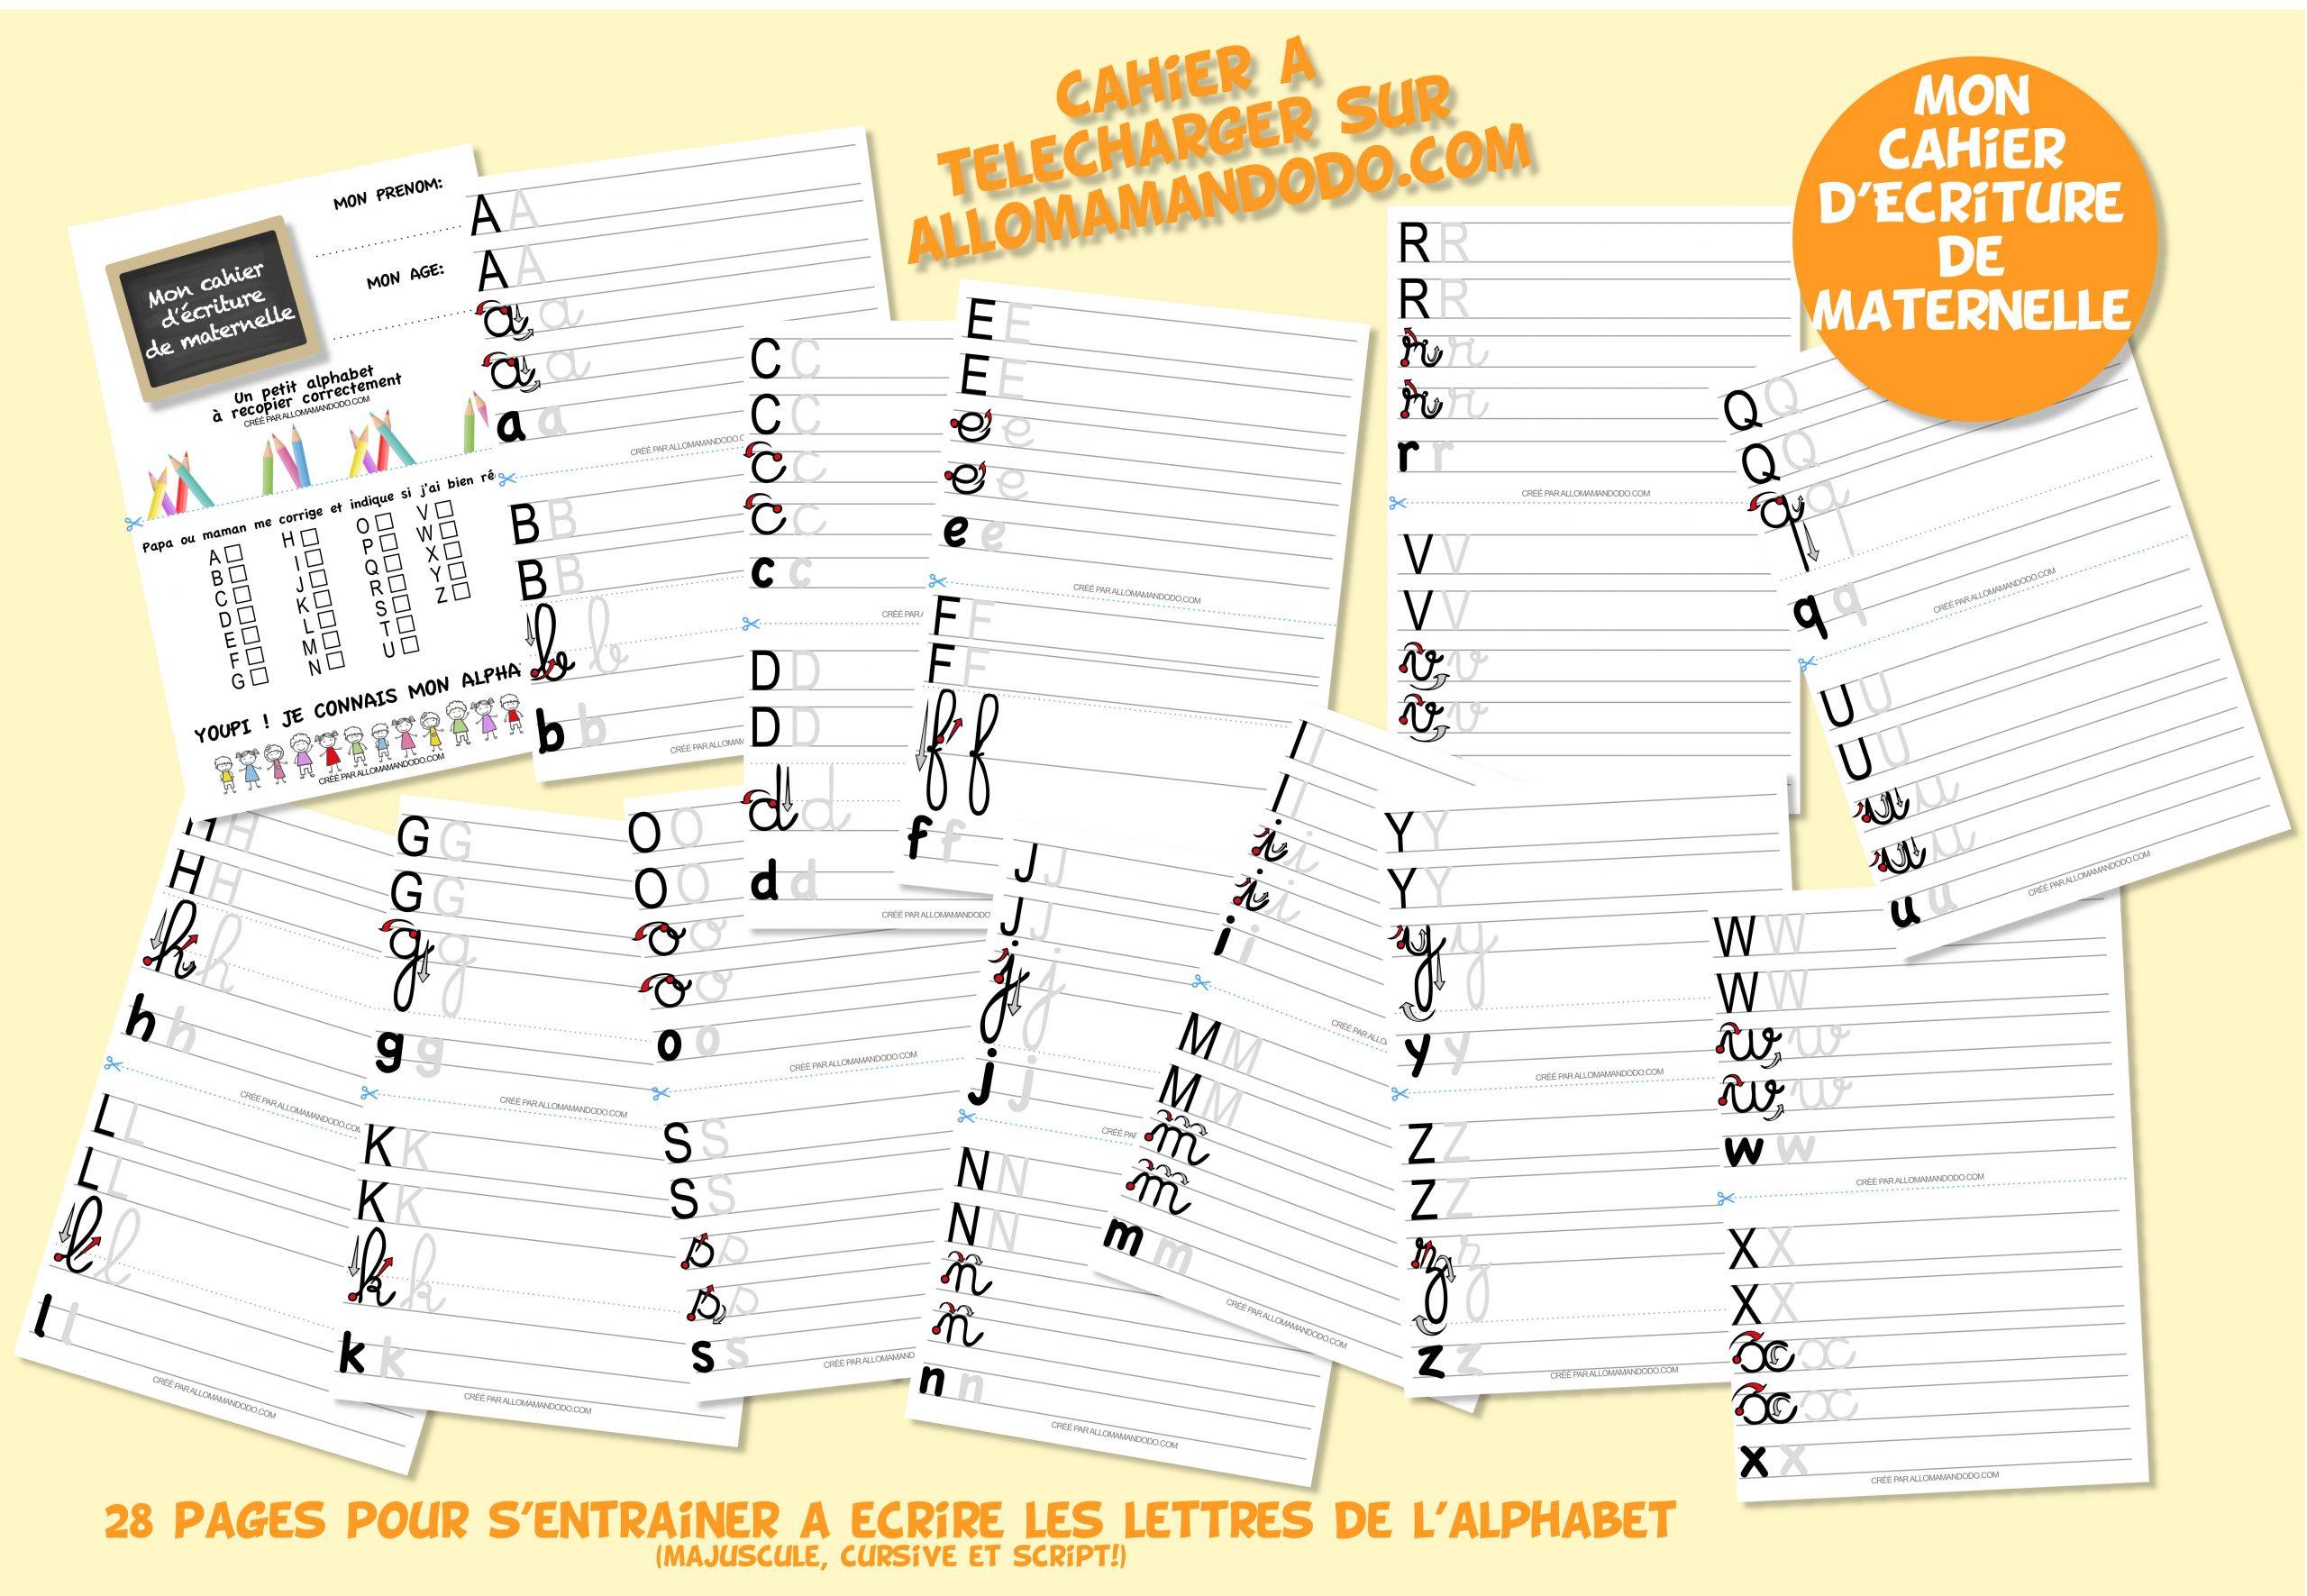 Le Cahier D'écriture De Maternelle À Télécharger ( Gratuit tout Apprendre À Écrire Les Lettres Maternelle